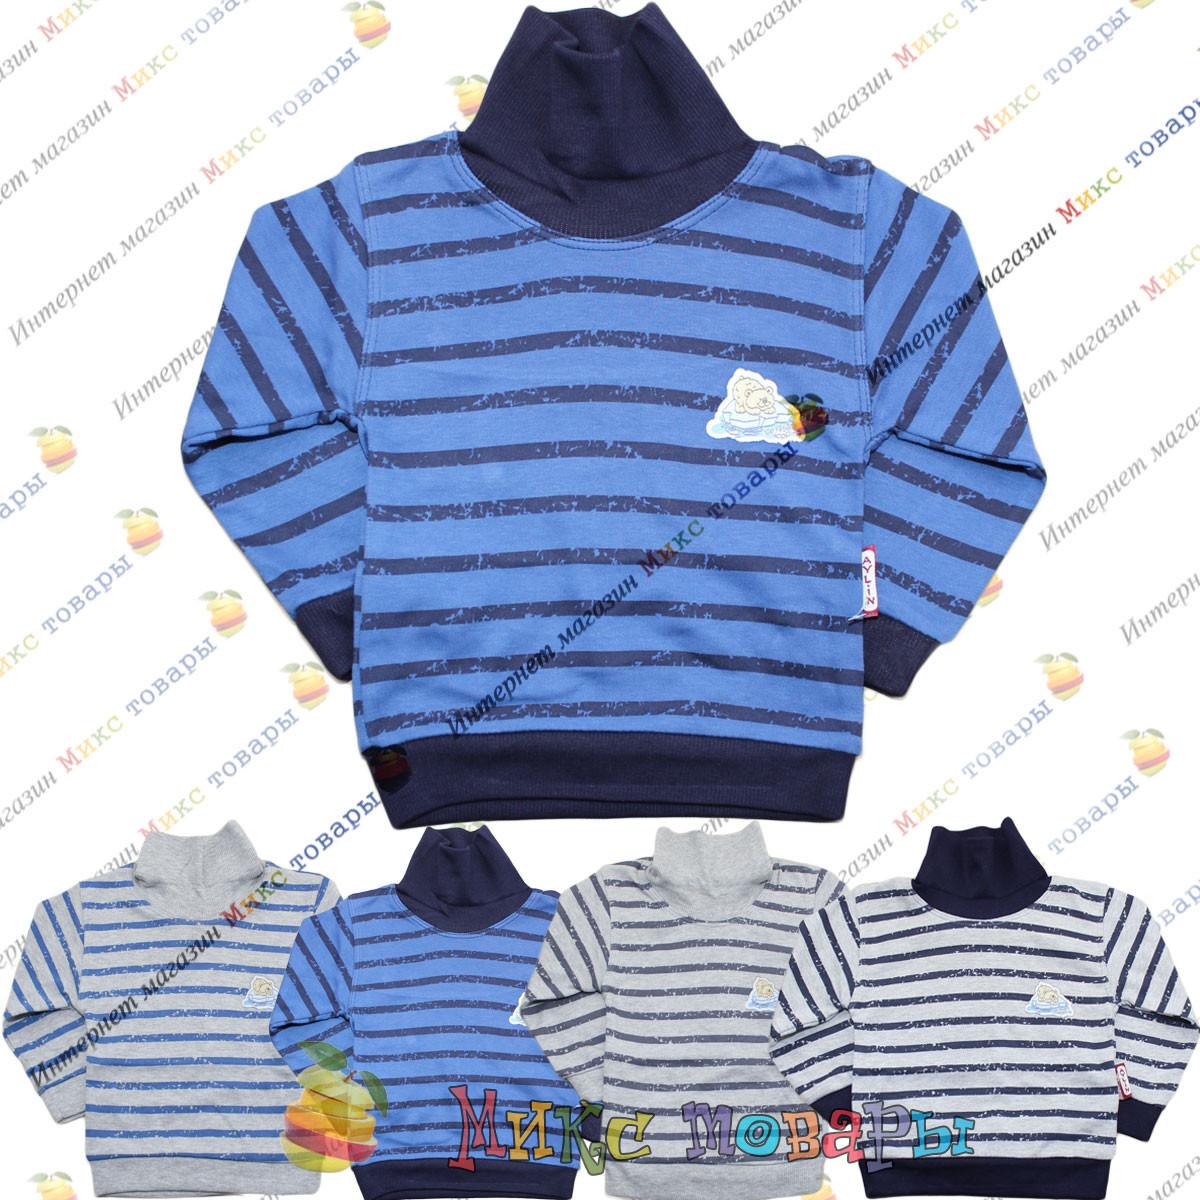 Детские полосатые водолазки с начёсом для мальчика от 1 до 3 лет (3778)